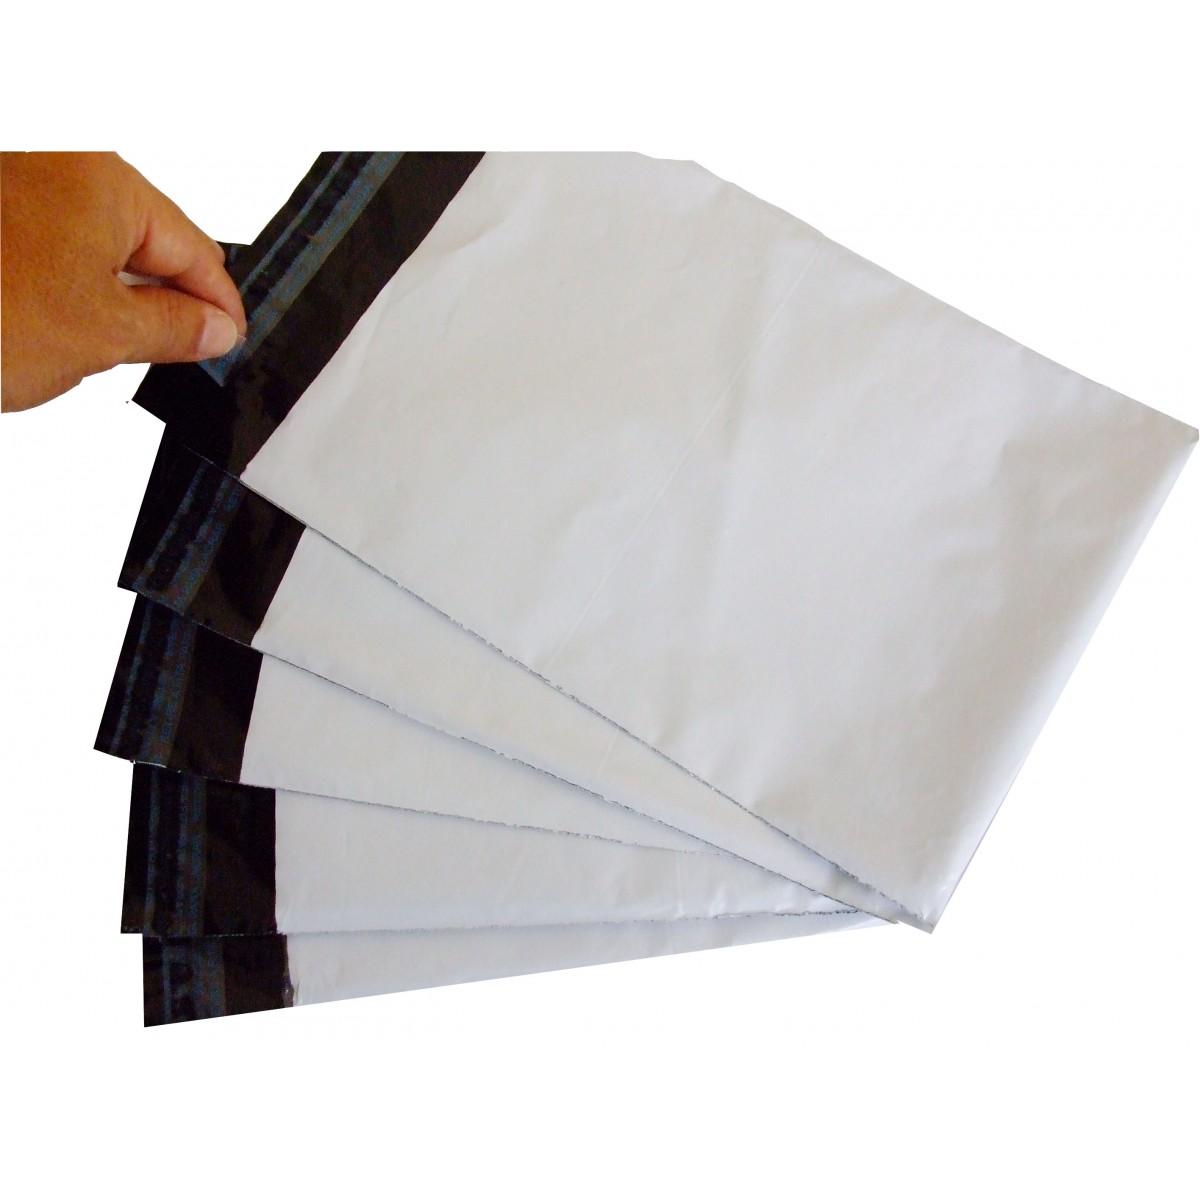 Envelope de Segurança Liso Branco L:100 X C:58 + 5 (Aba) cm